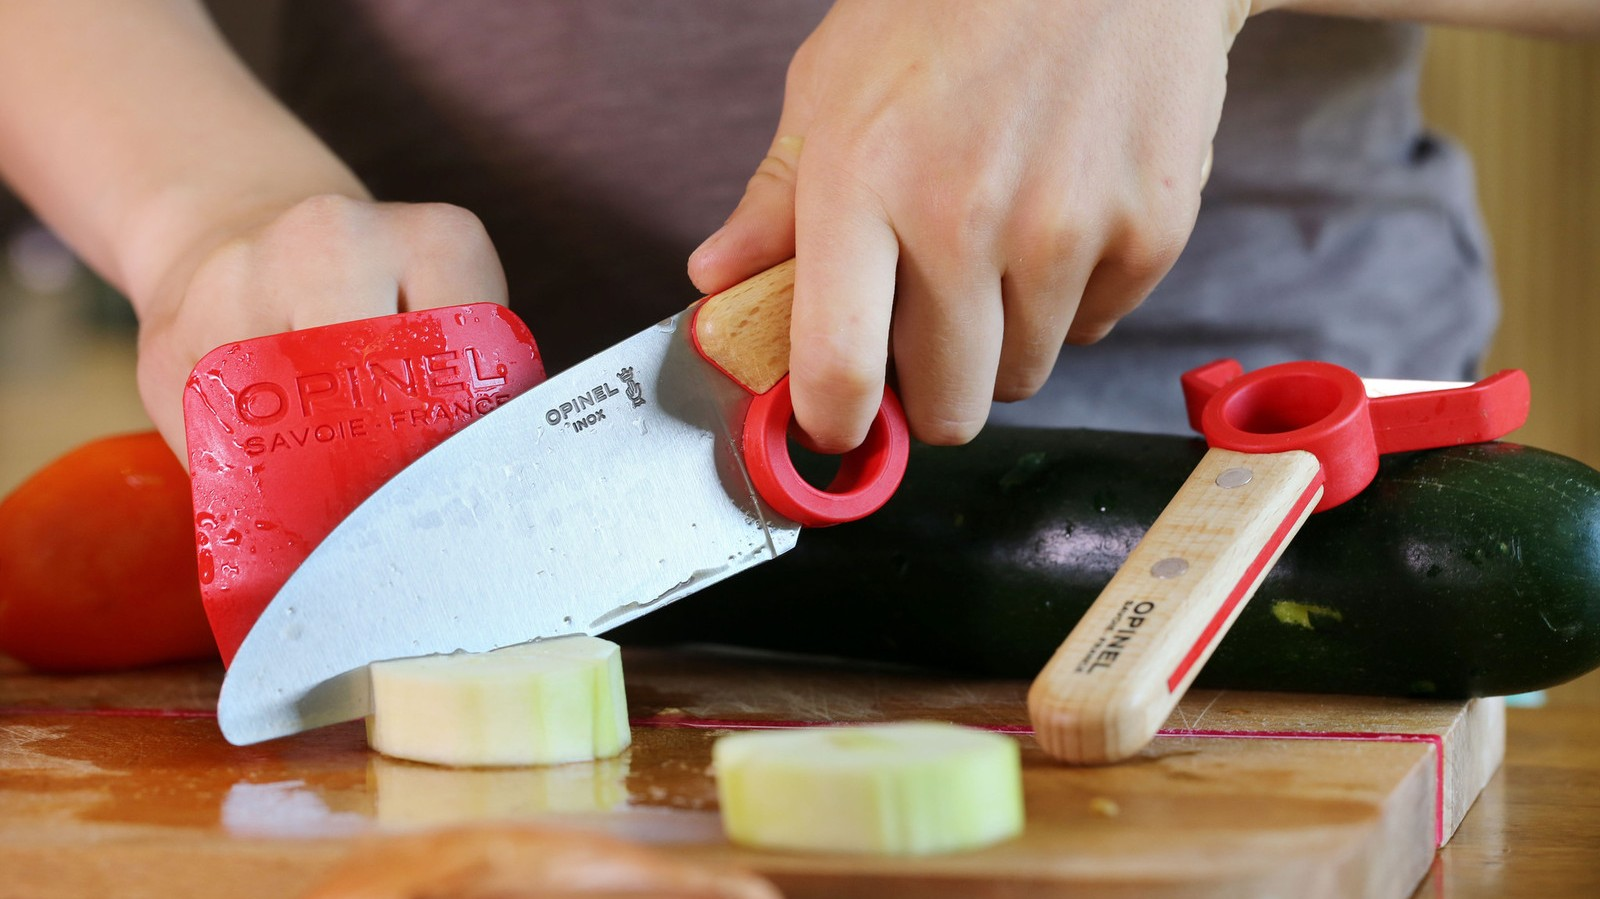 køkkenkniv til barn børnekniv kniv til børn grøntsagskniv til barn børn i køkkenet køkkenredskaber til børn sikkerhed børn i køkkenet shopwise